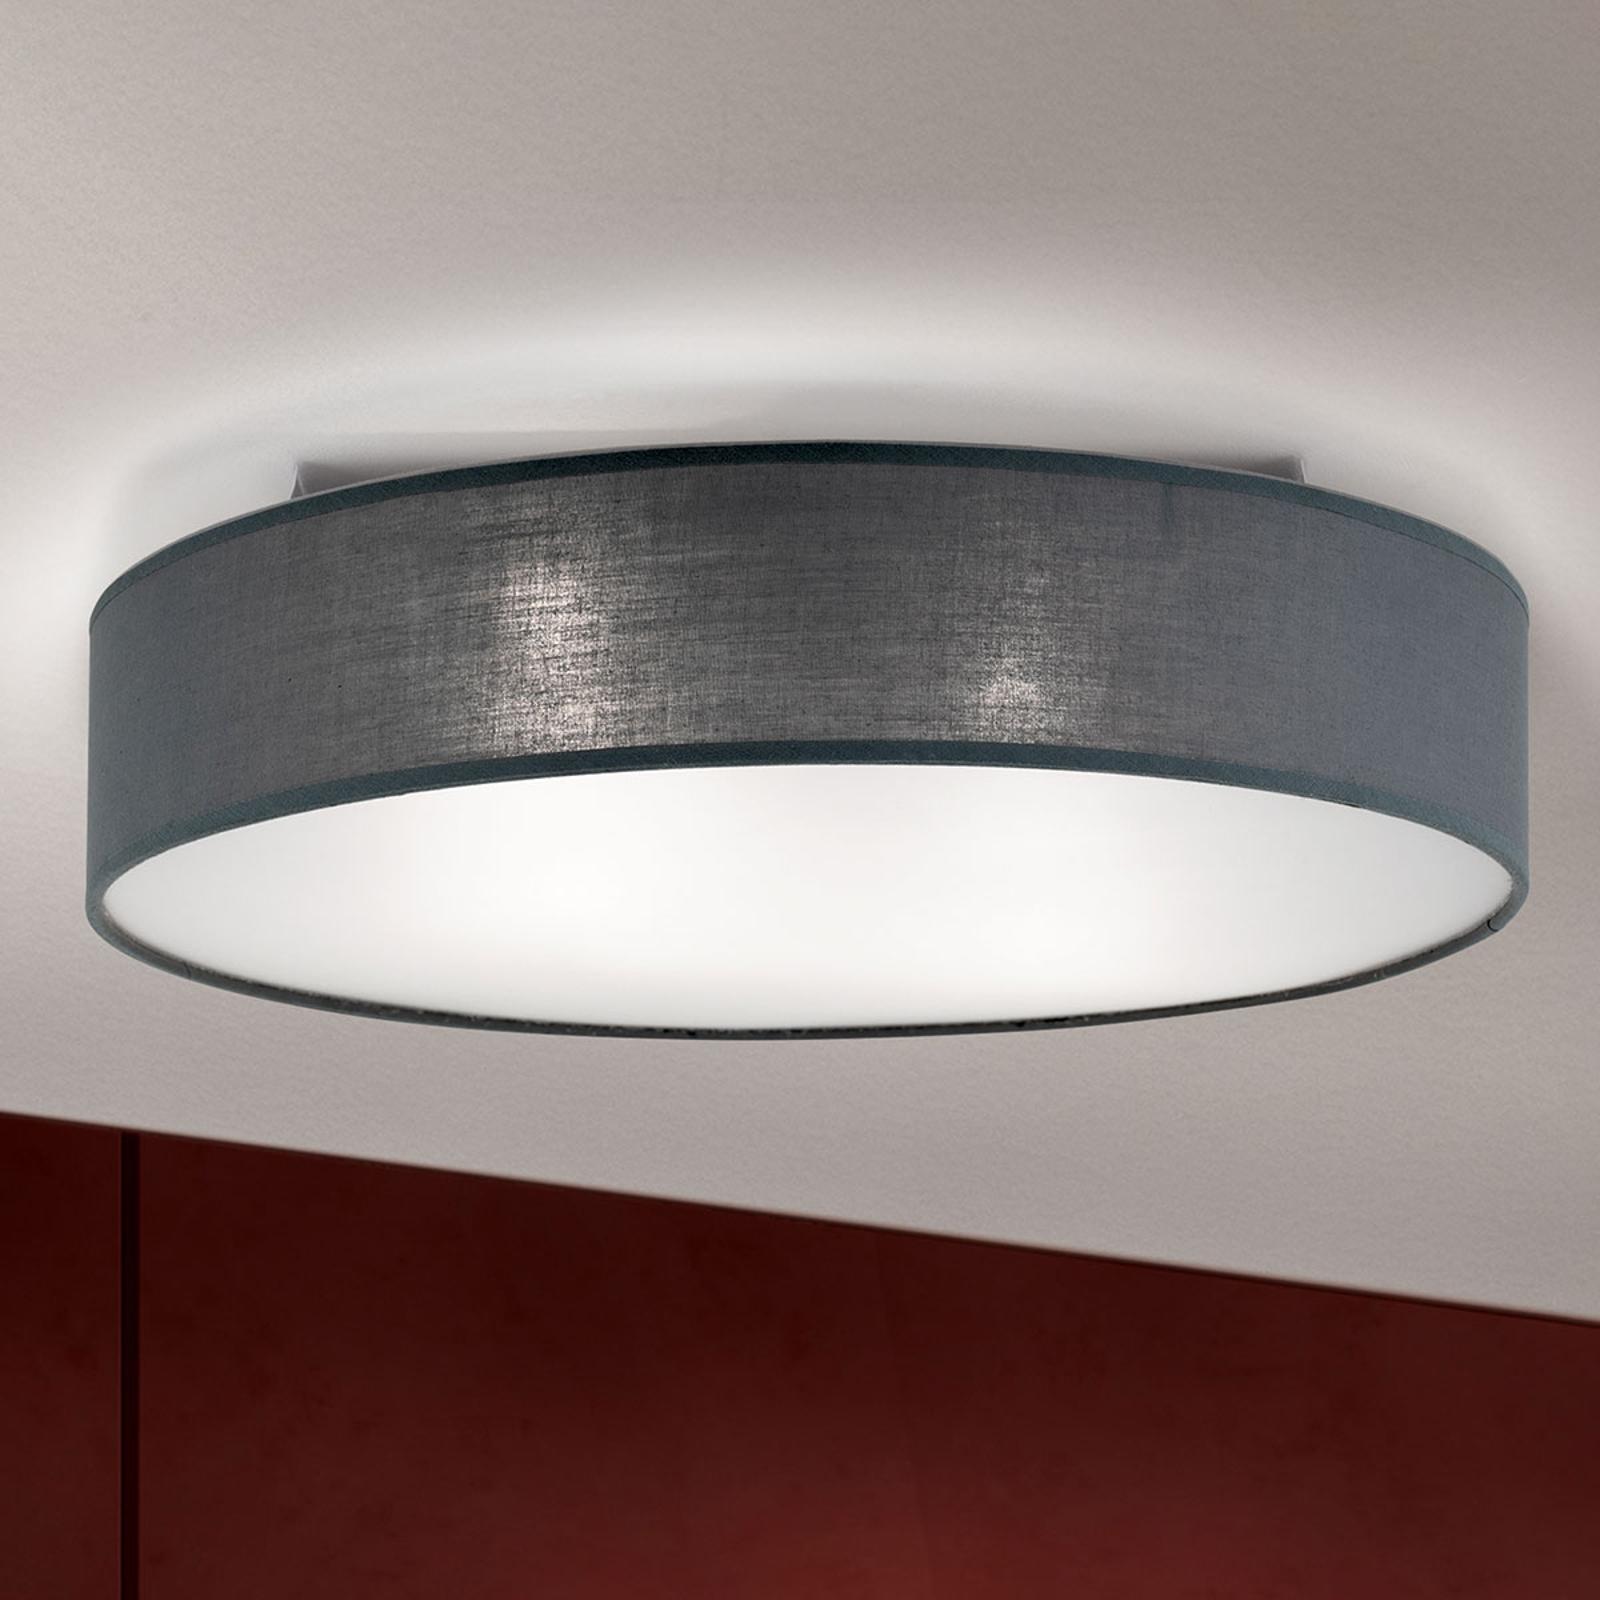 Lampa sufitowa Ufo w kolorze szarym, lniany klosz